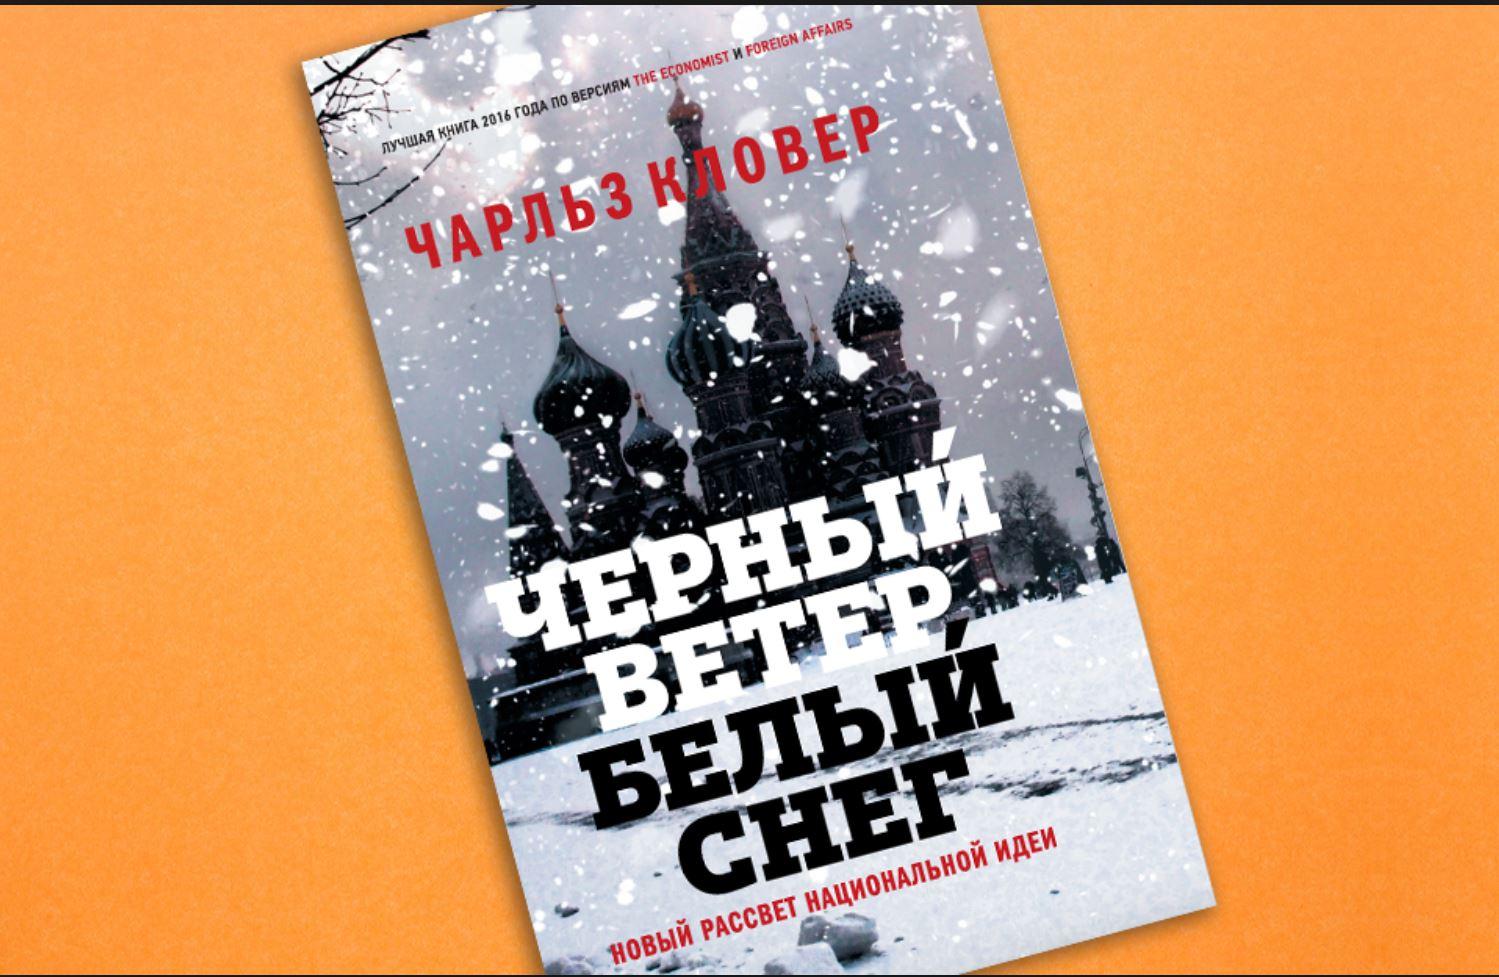 Суд отклонил иск Жириновского к журналисту, назвавшему его агентом КГБ в своей книге